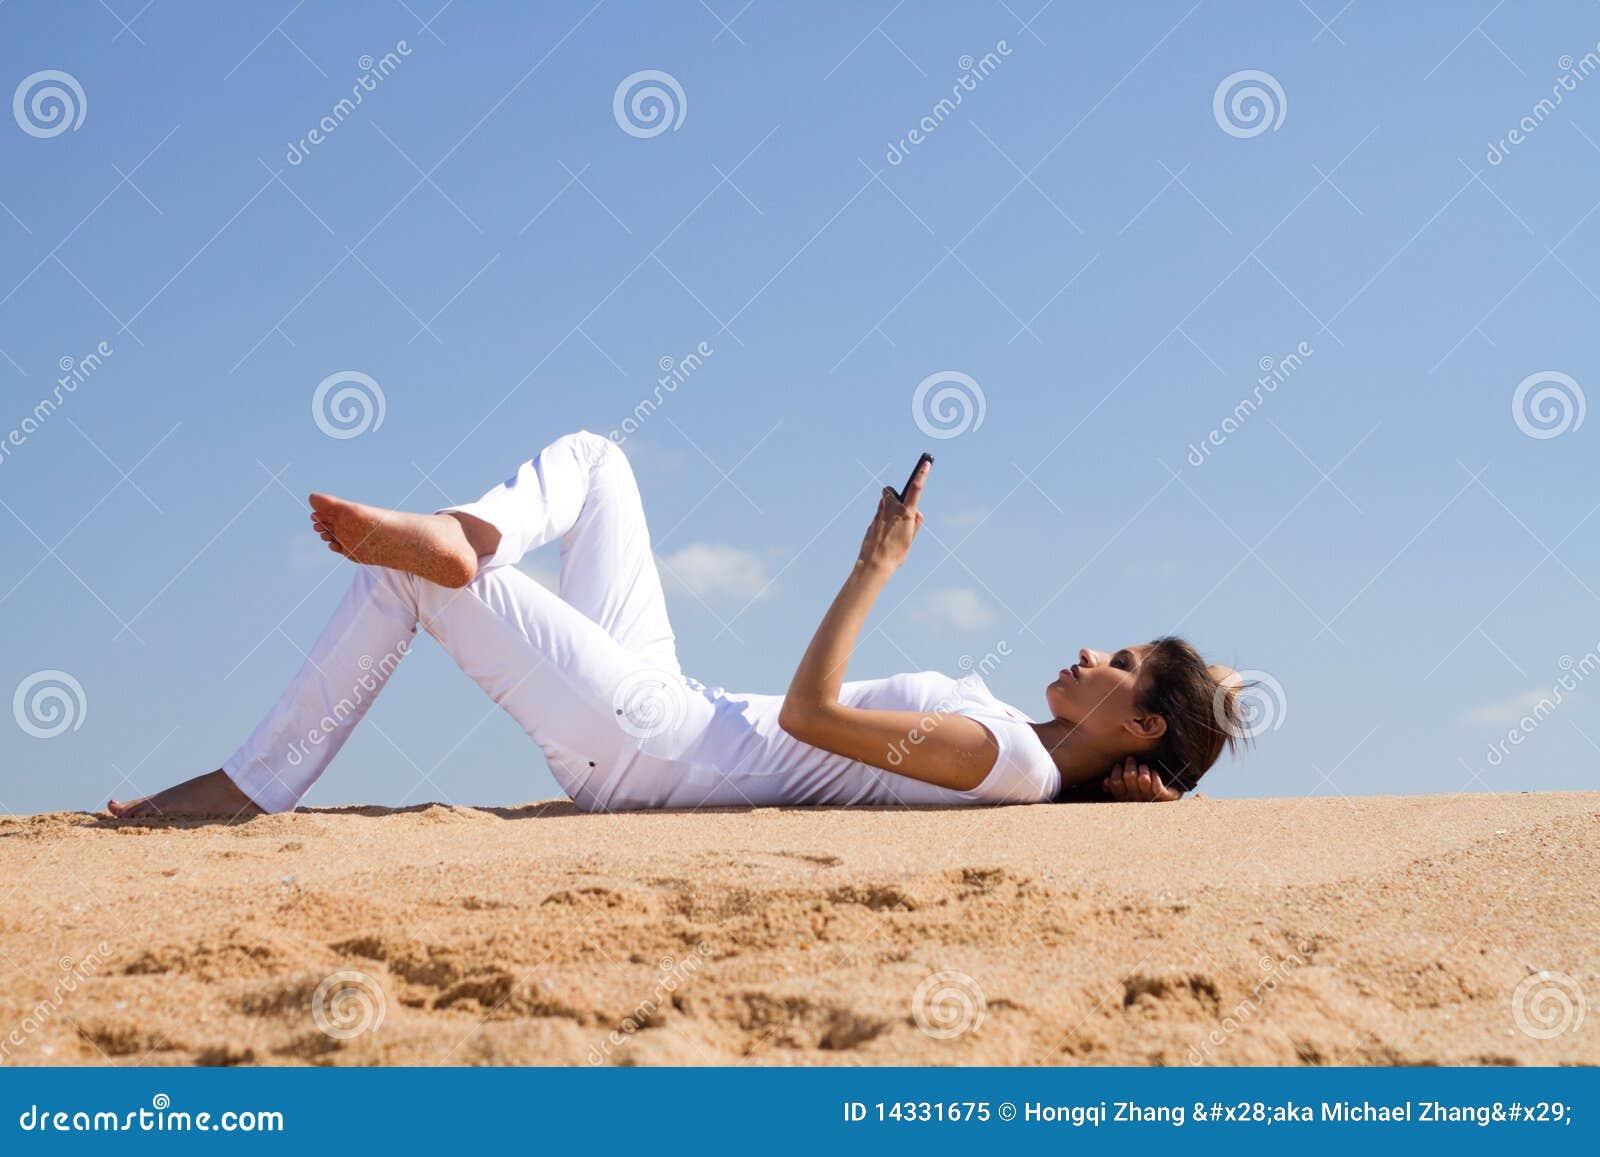 移动电话sms